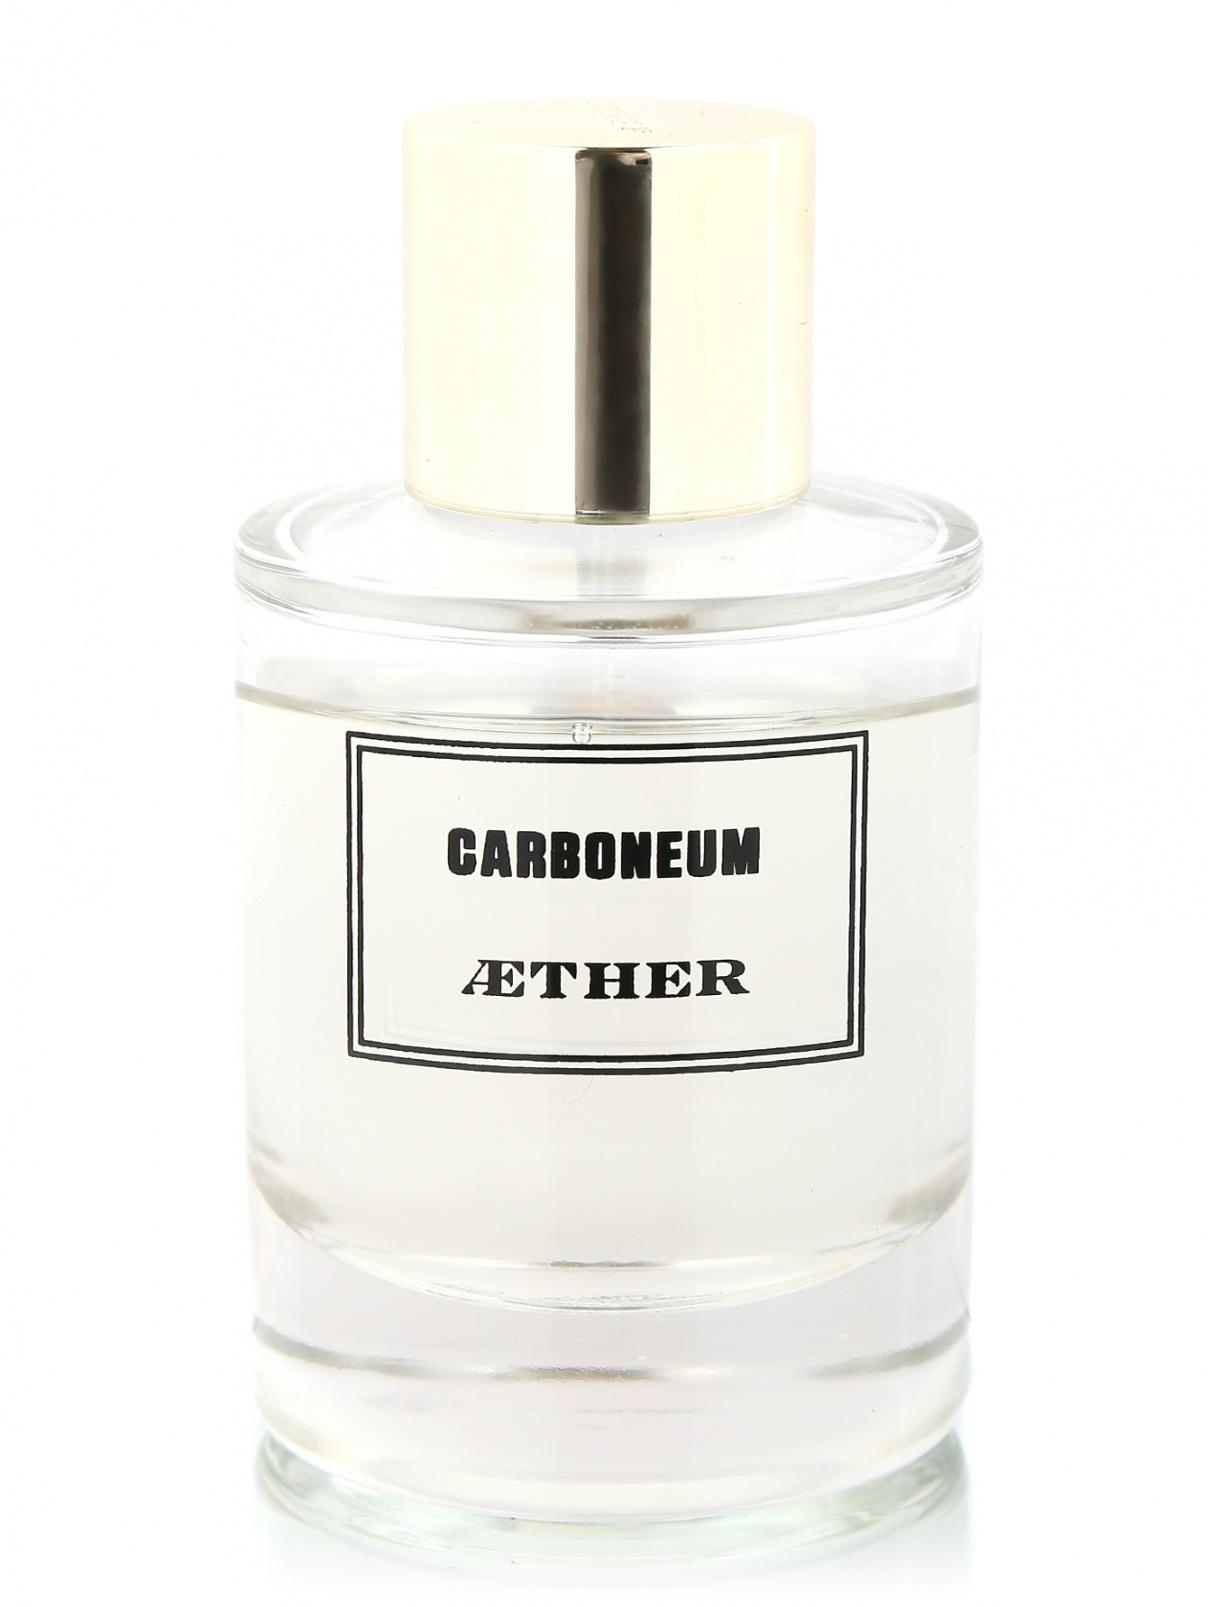 Парфюмерная вода 100мл Carboneum Aether  –  Общий вид